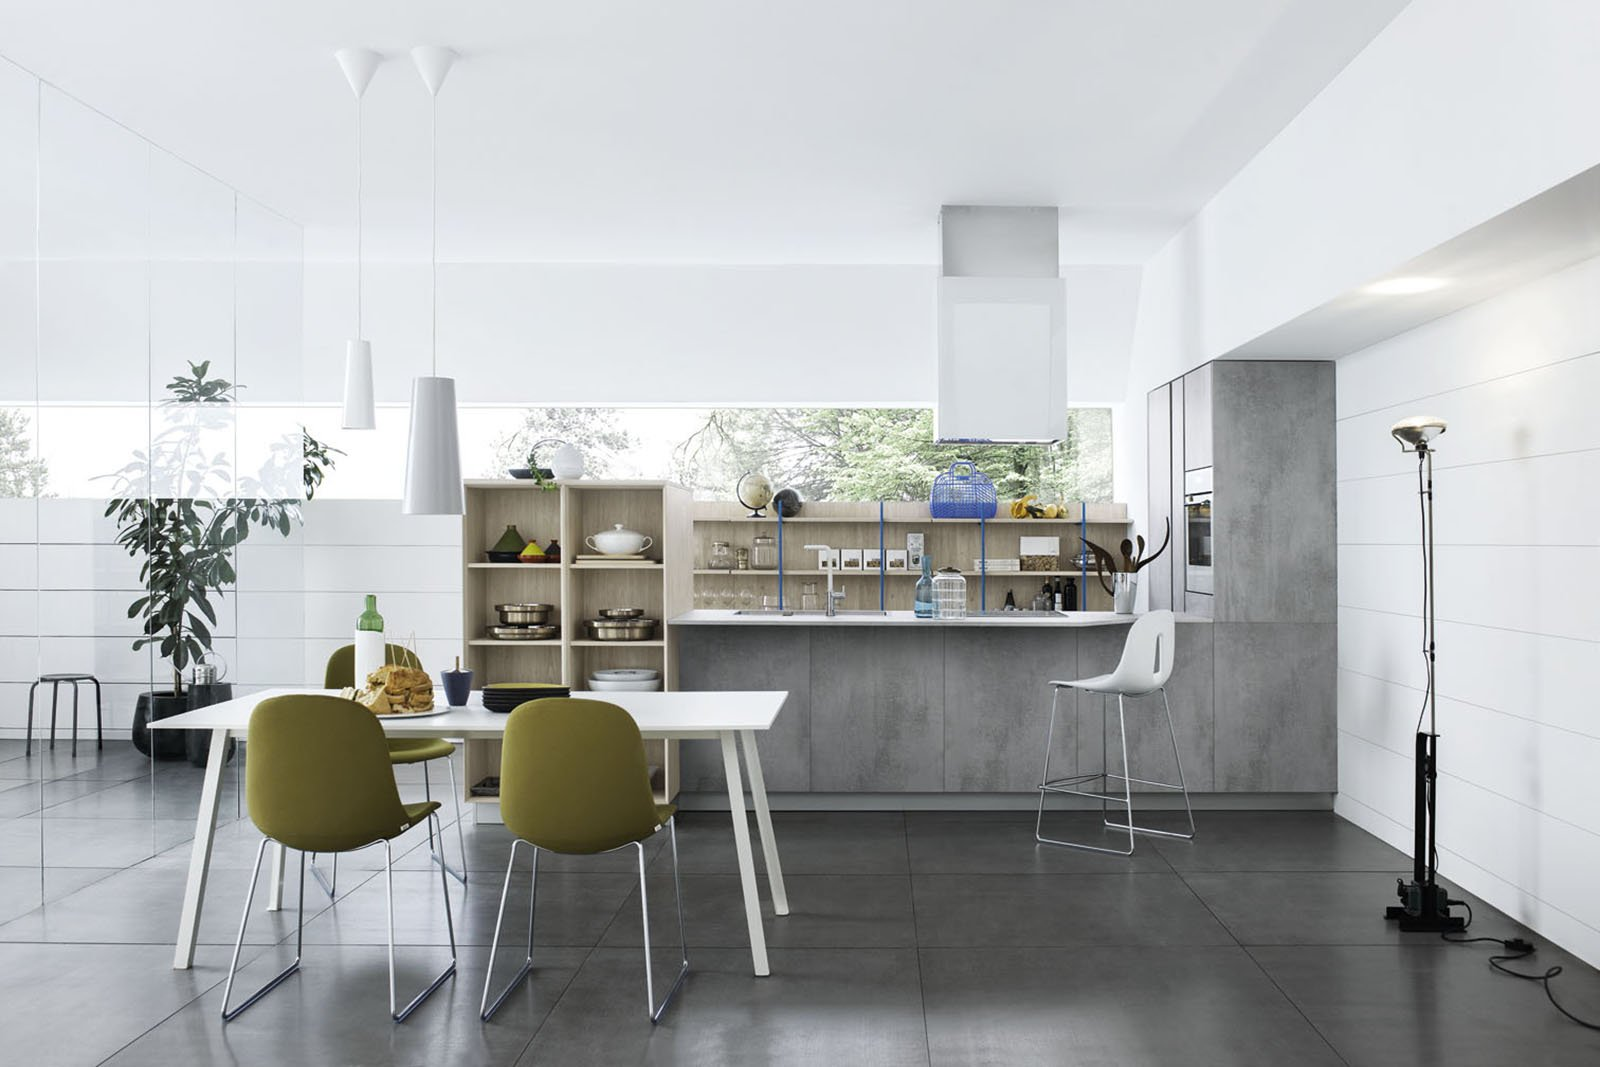 Mila Di Cesar è Anticonvenzionale E Trendy Adatta Ad Ambienti Di  #59512F 1600 1067 Veneta Cucine O Cesar